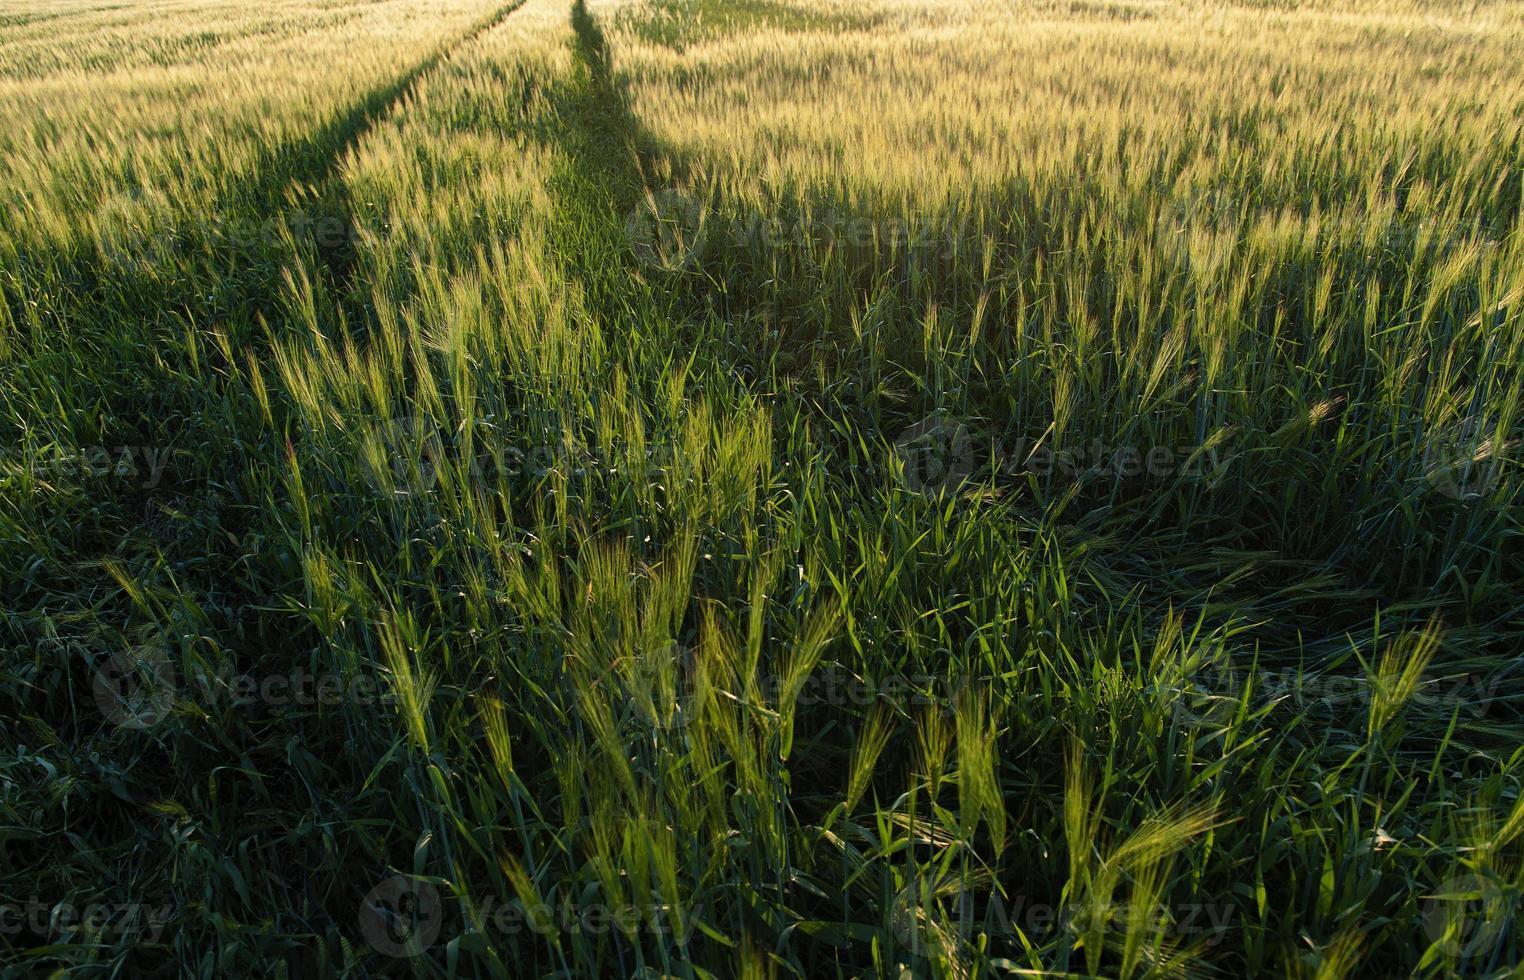 campo de cevada na hora do pôr do sol foto